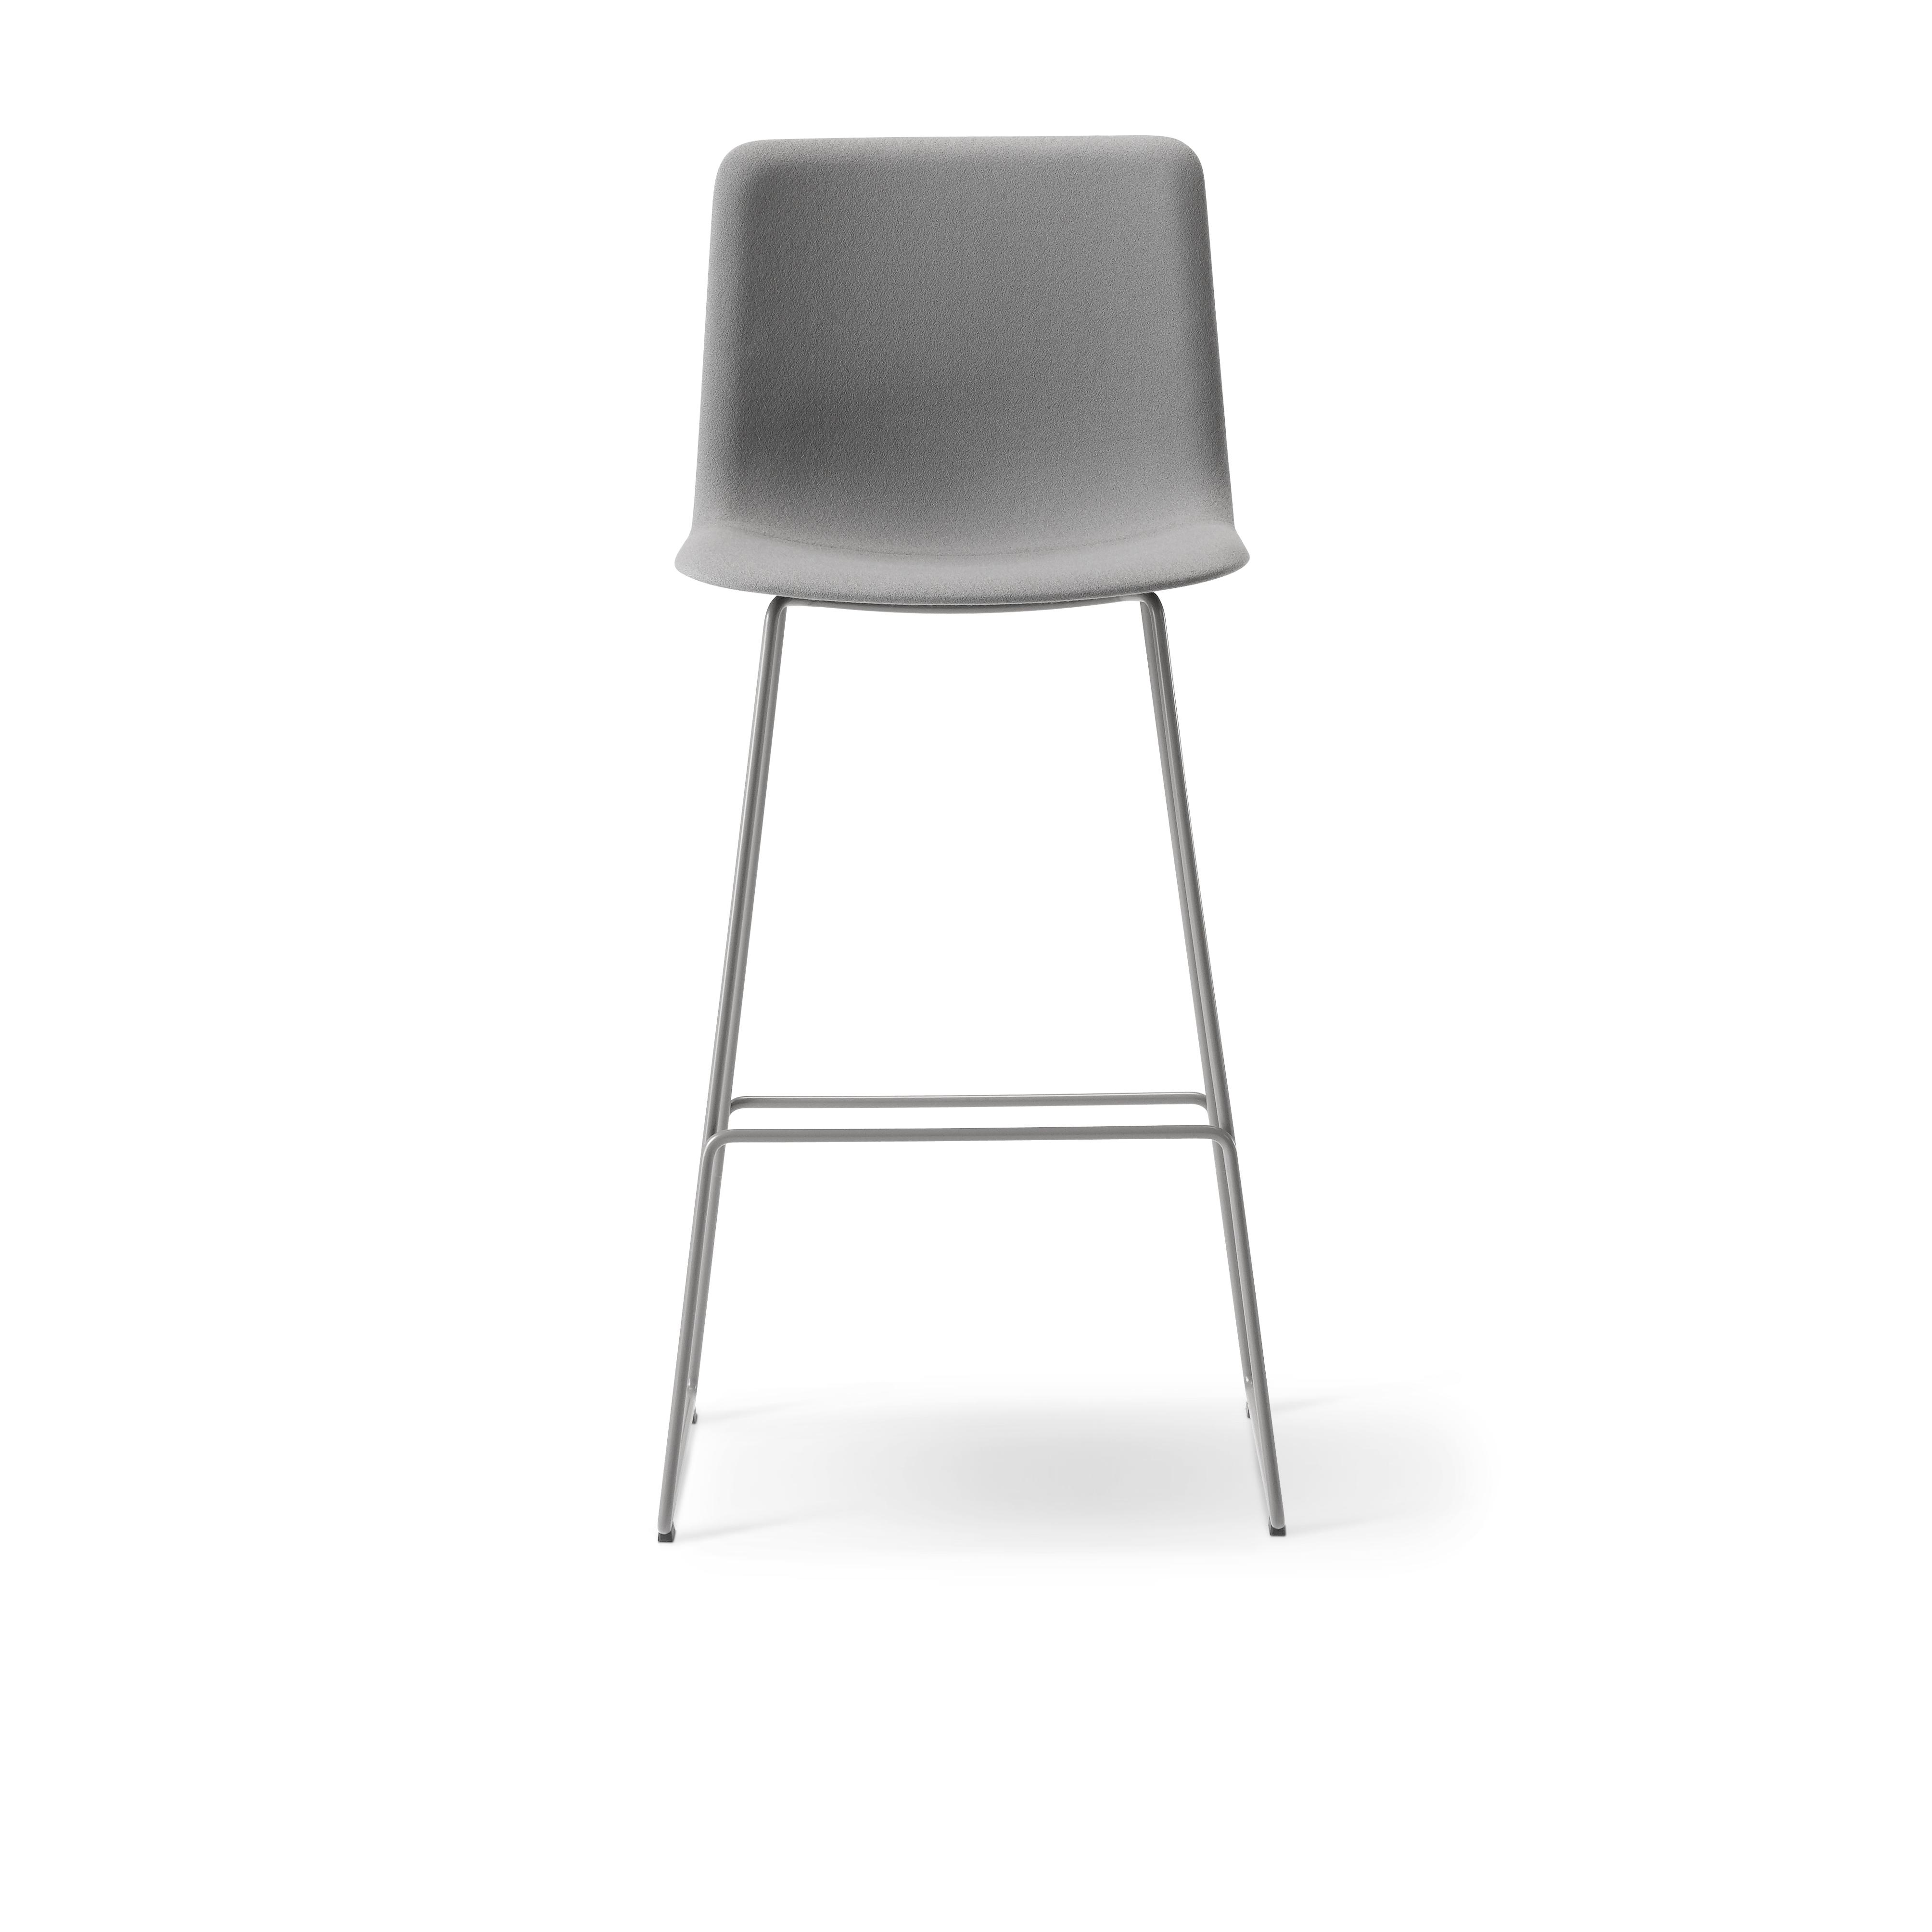 Fabulous Pato Sledge Barstool Inzonedesignstudio Interior Chair Design Inzonedesignstudiocom